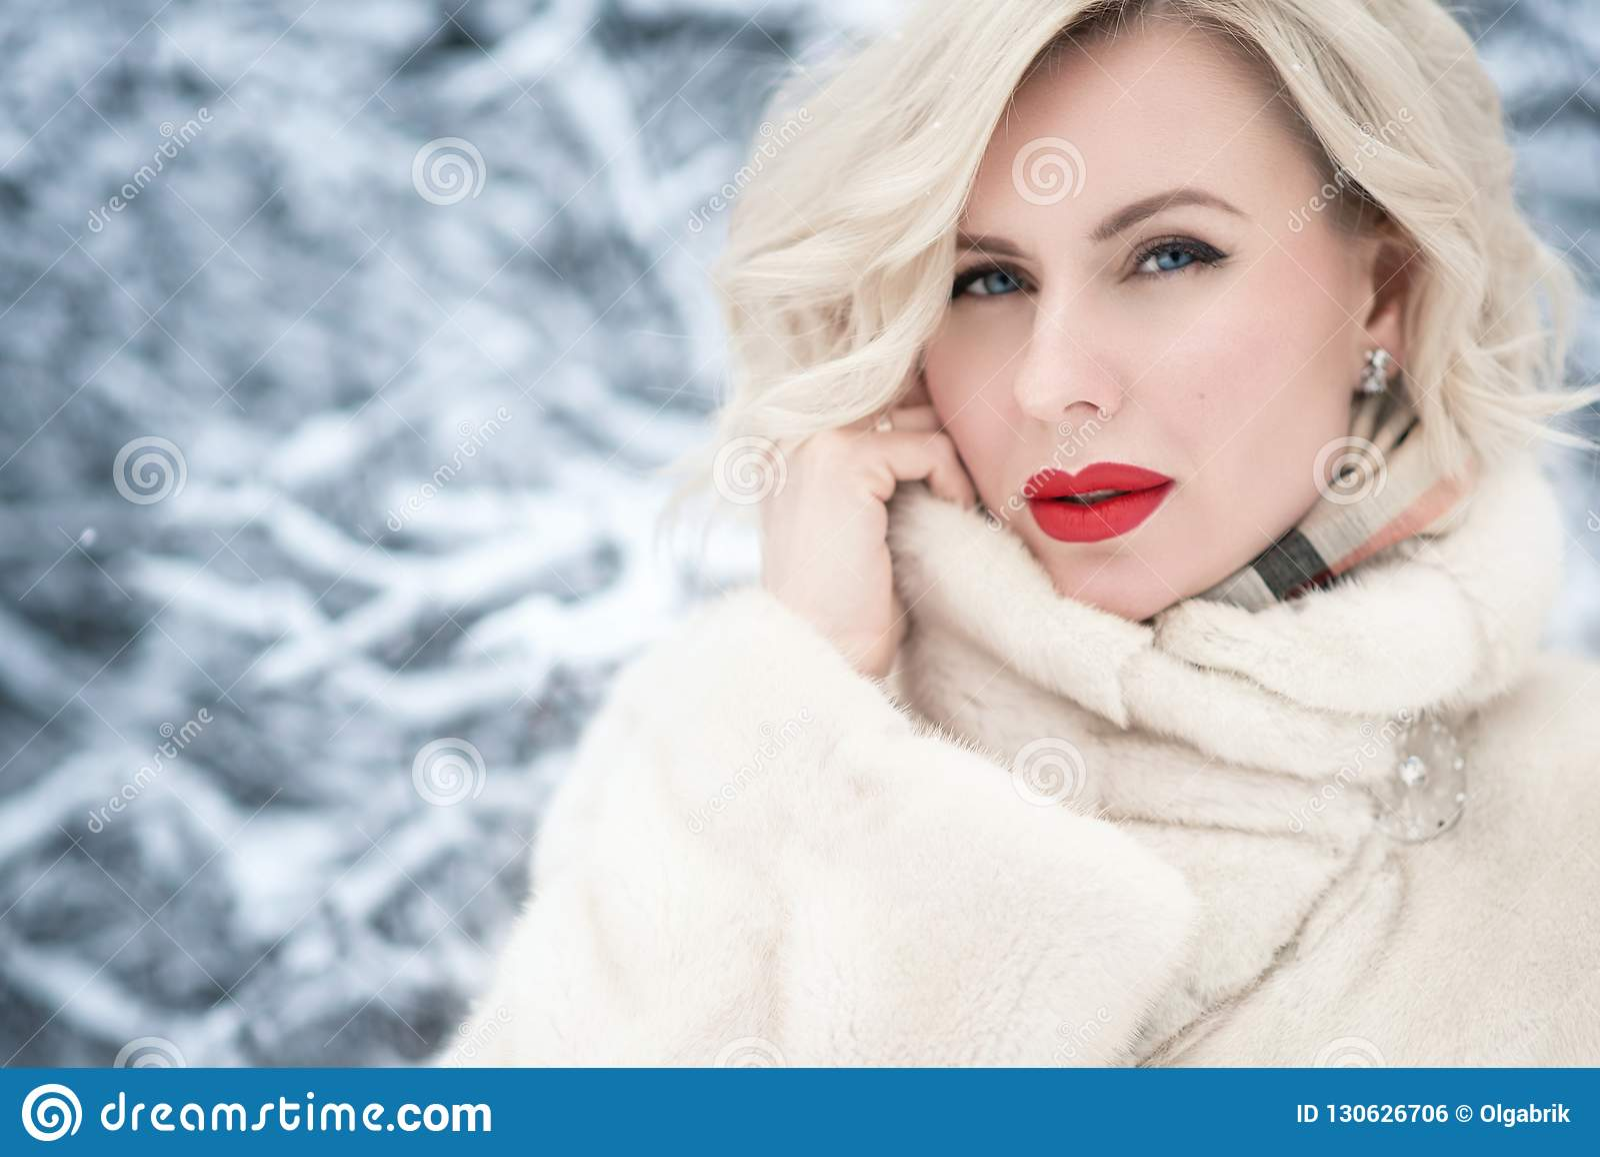 Nahes hohes Porträt schöner blonder blauäugiger Dame mit perfektem bilden das Halten eines Kragens ihres luxuriösen Pelzmantels